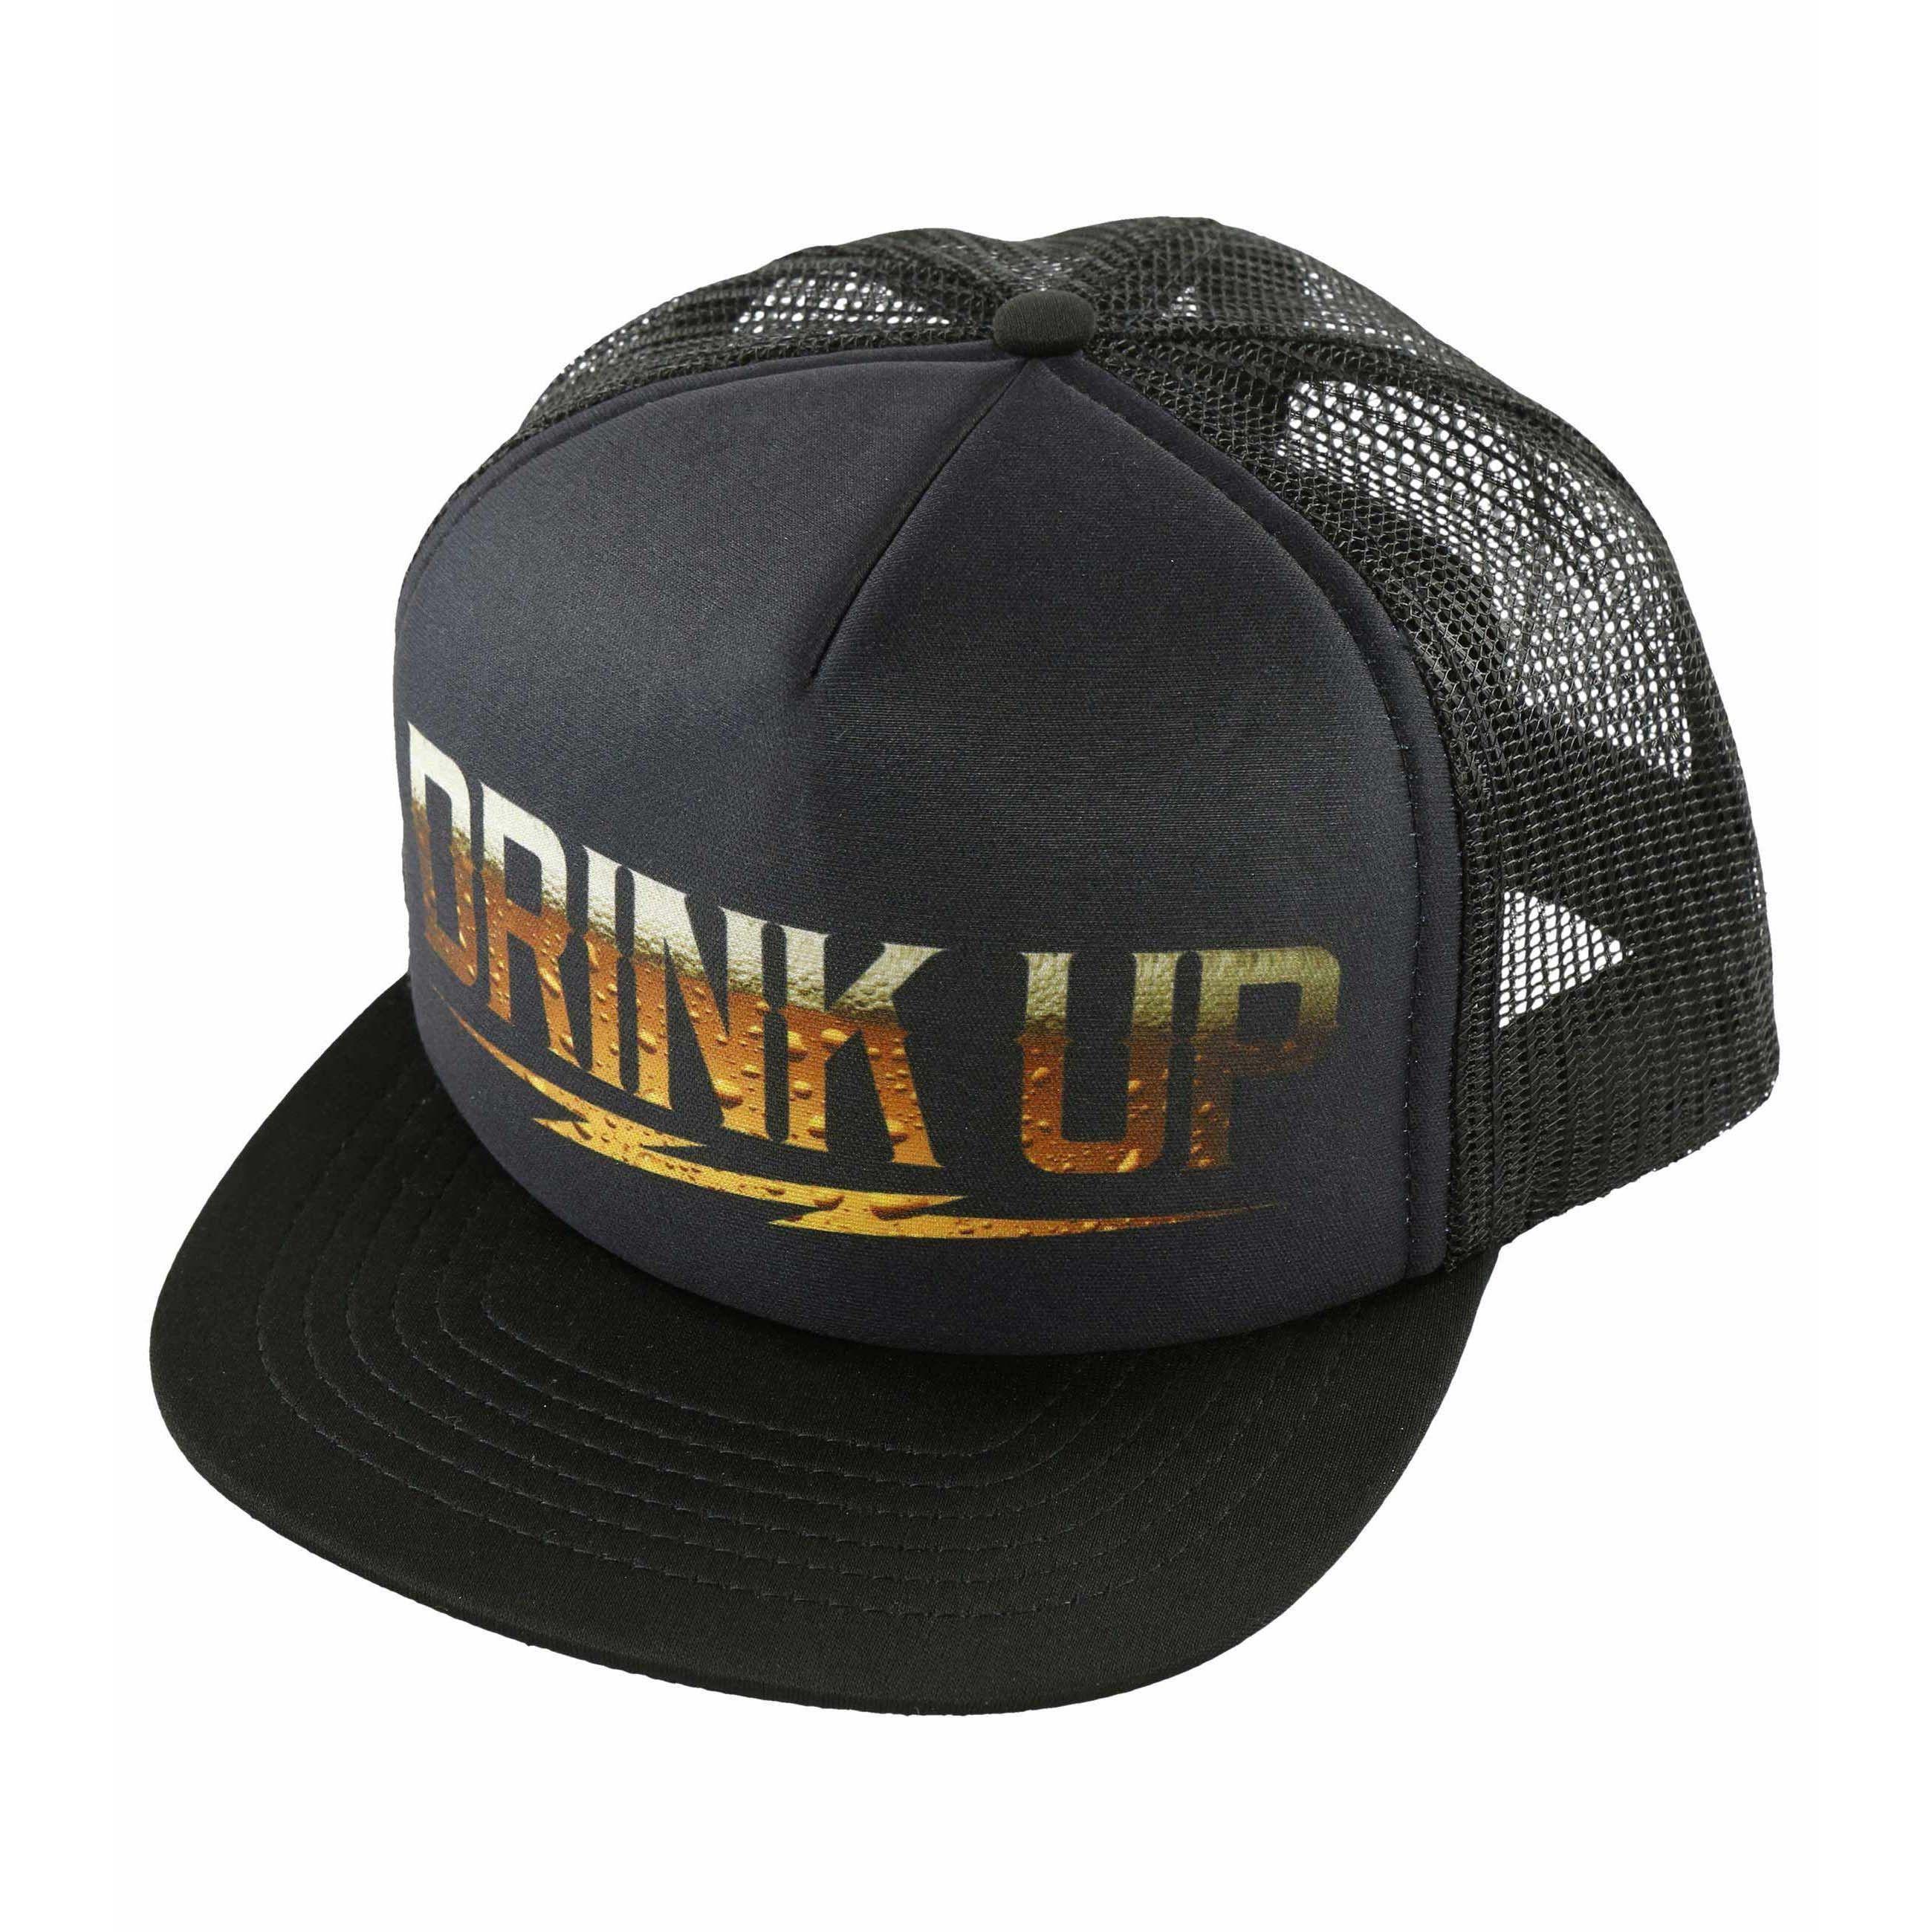 46de8ca24e7 Metal Mulisha Men s Drink Up F.U. Trucker Hat with Bottle Opener ...